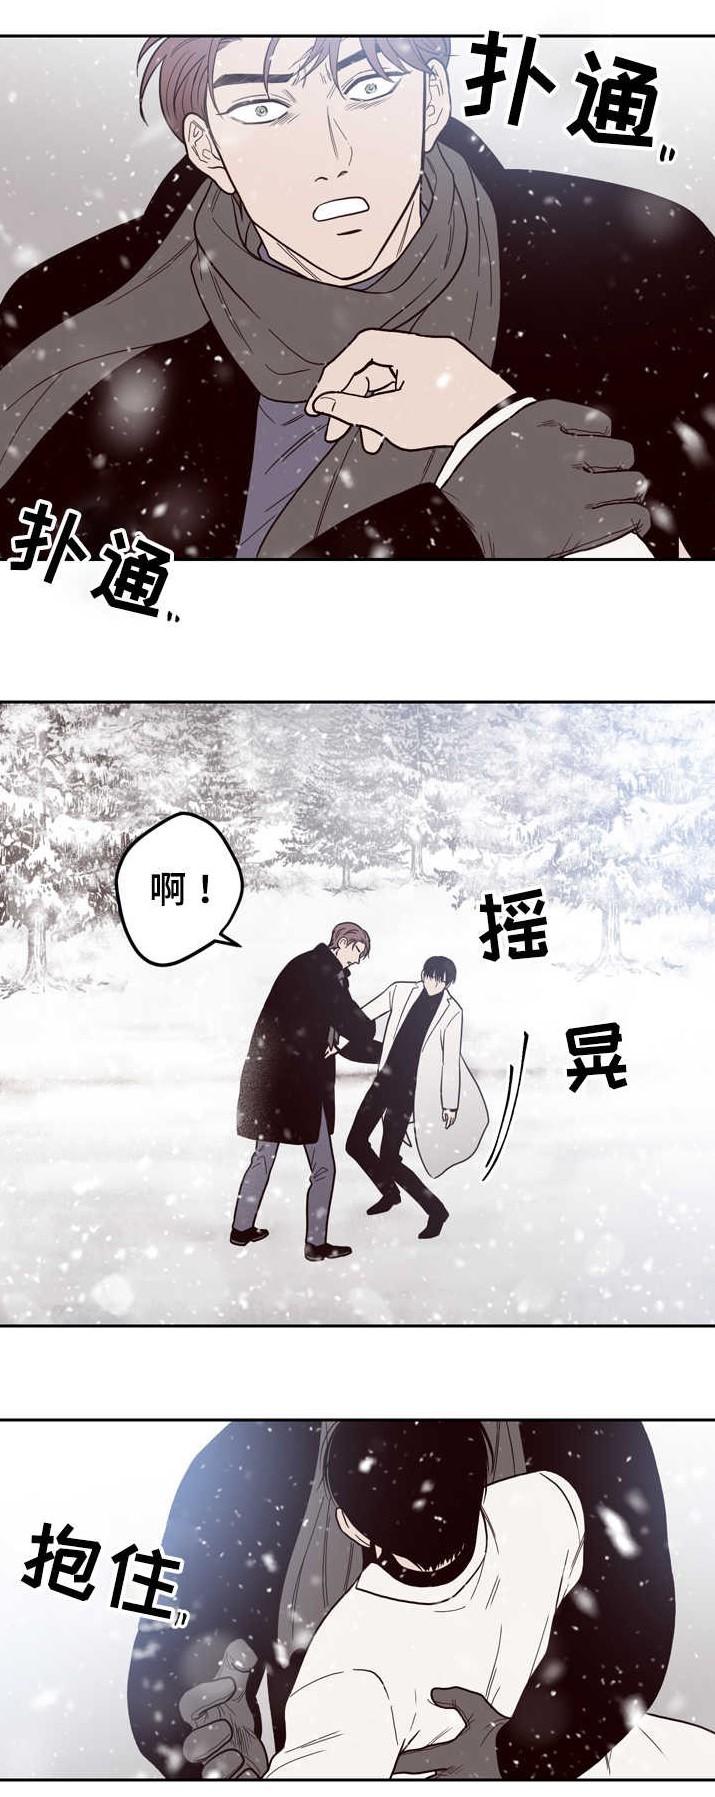 交叉线漫画资源百度云